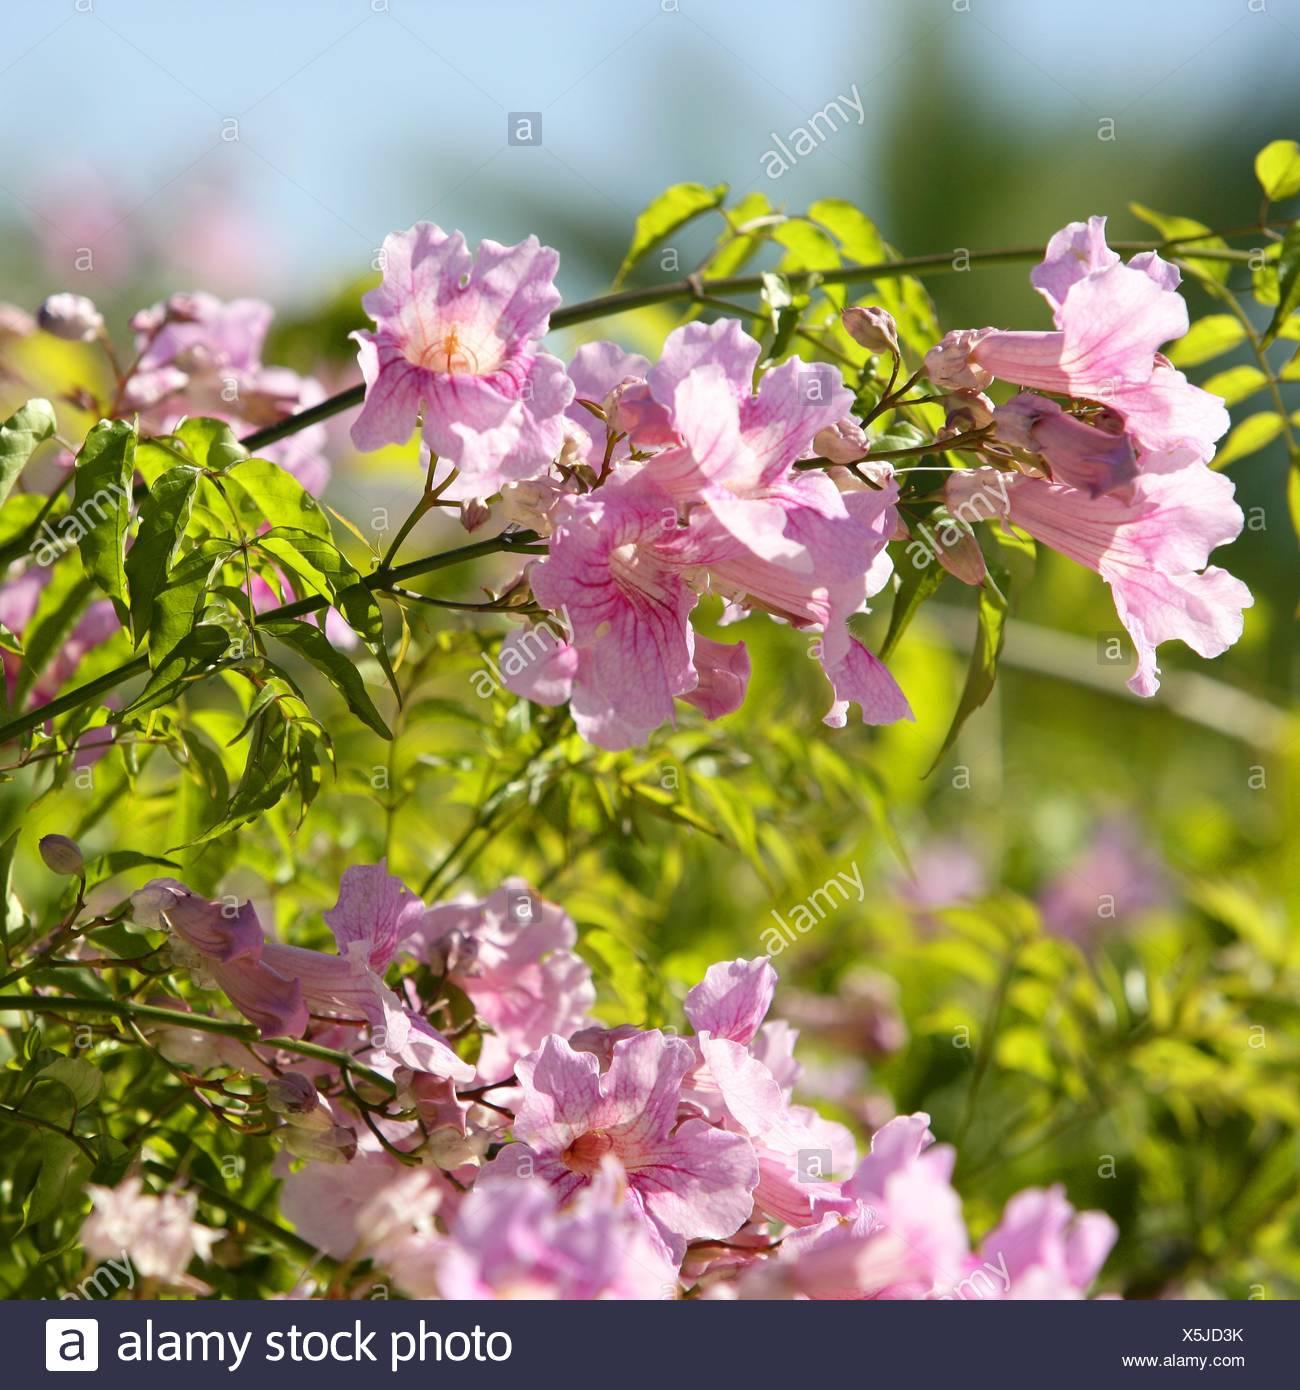 Flower plant flowers water mediterranean salt water sea ocean flower plant flowers water mediterranean salt water sea ocean pink mightylinksfo